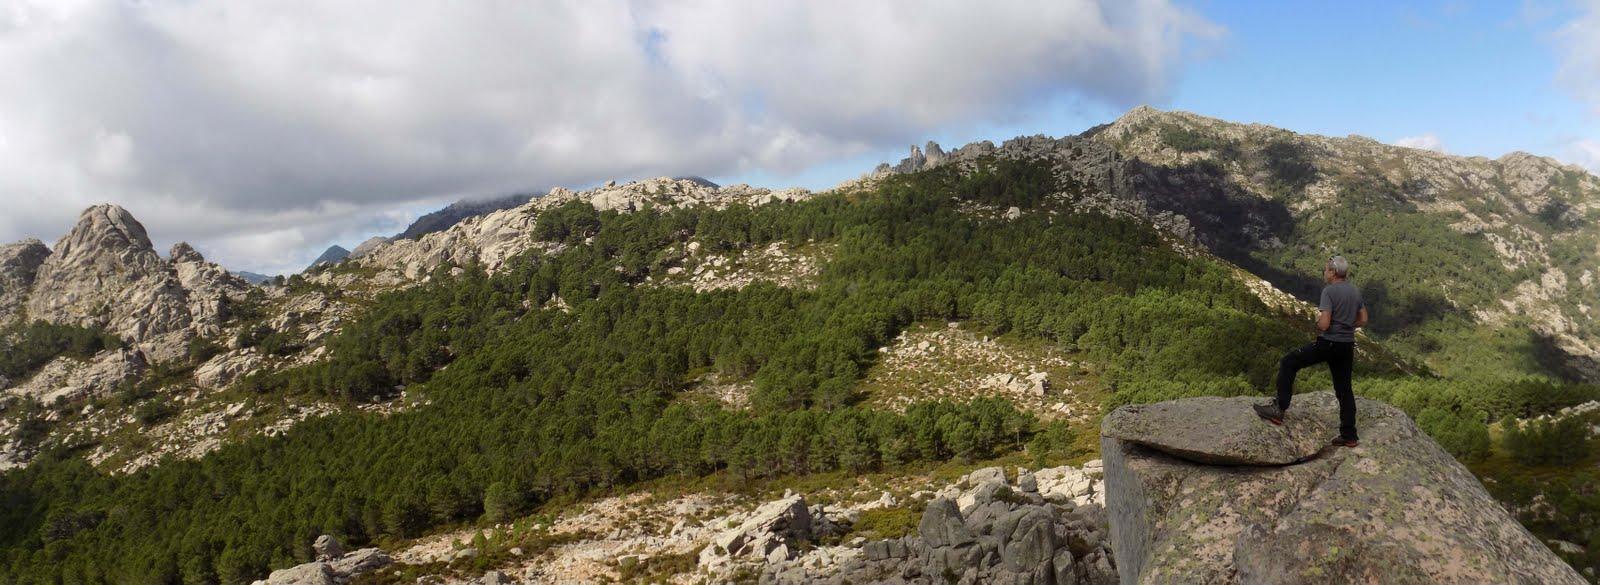 Capellu et Cagne depuis le bras rocheux au sommet du Capellucciu (photo Olivier Hespel)